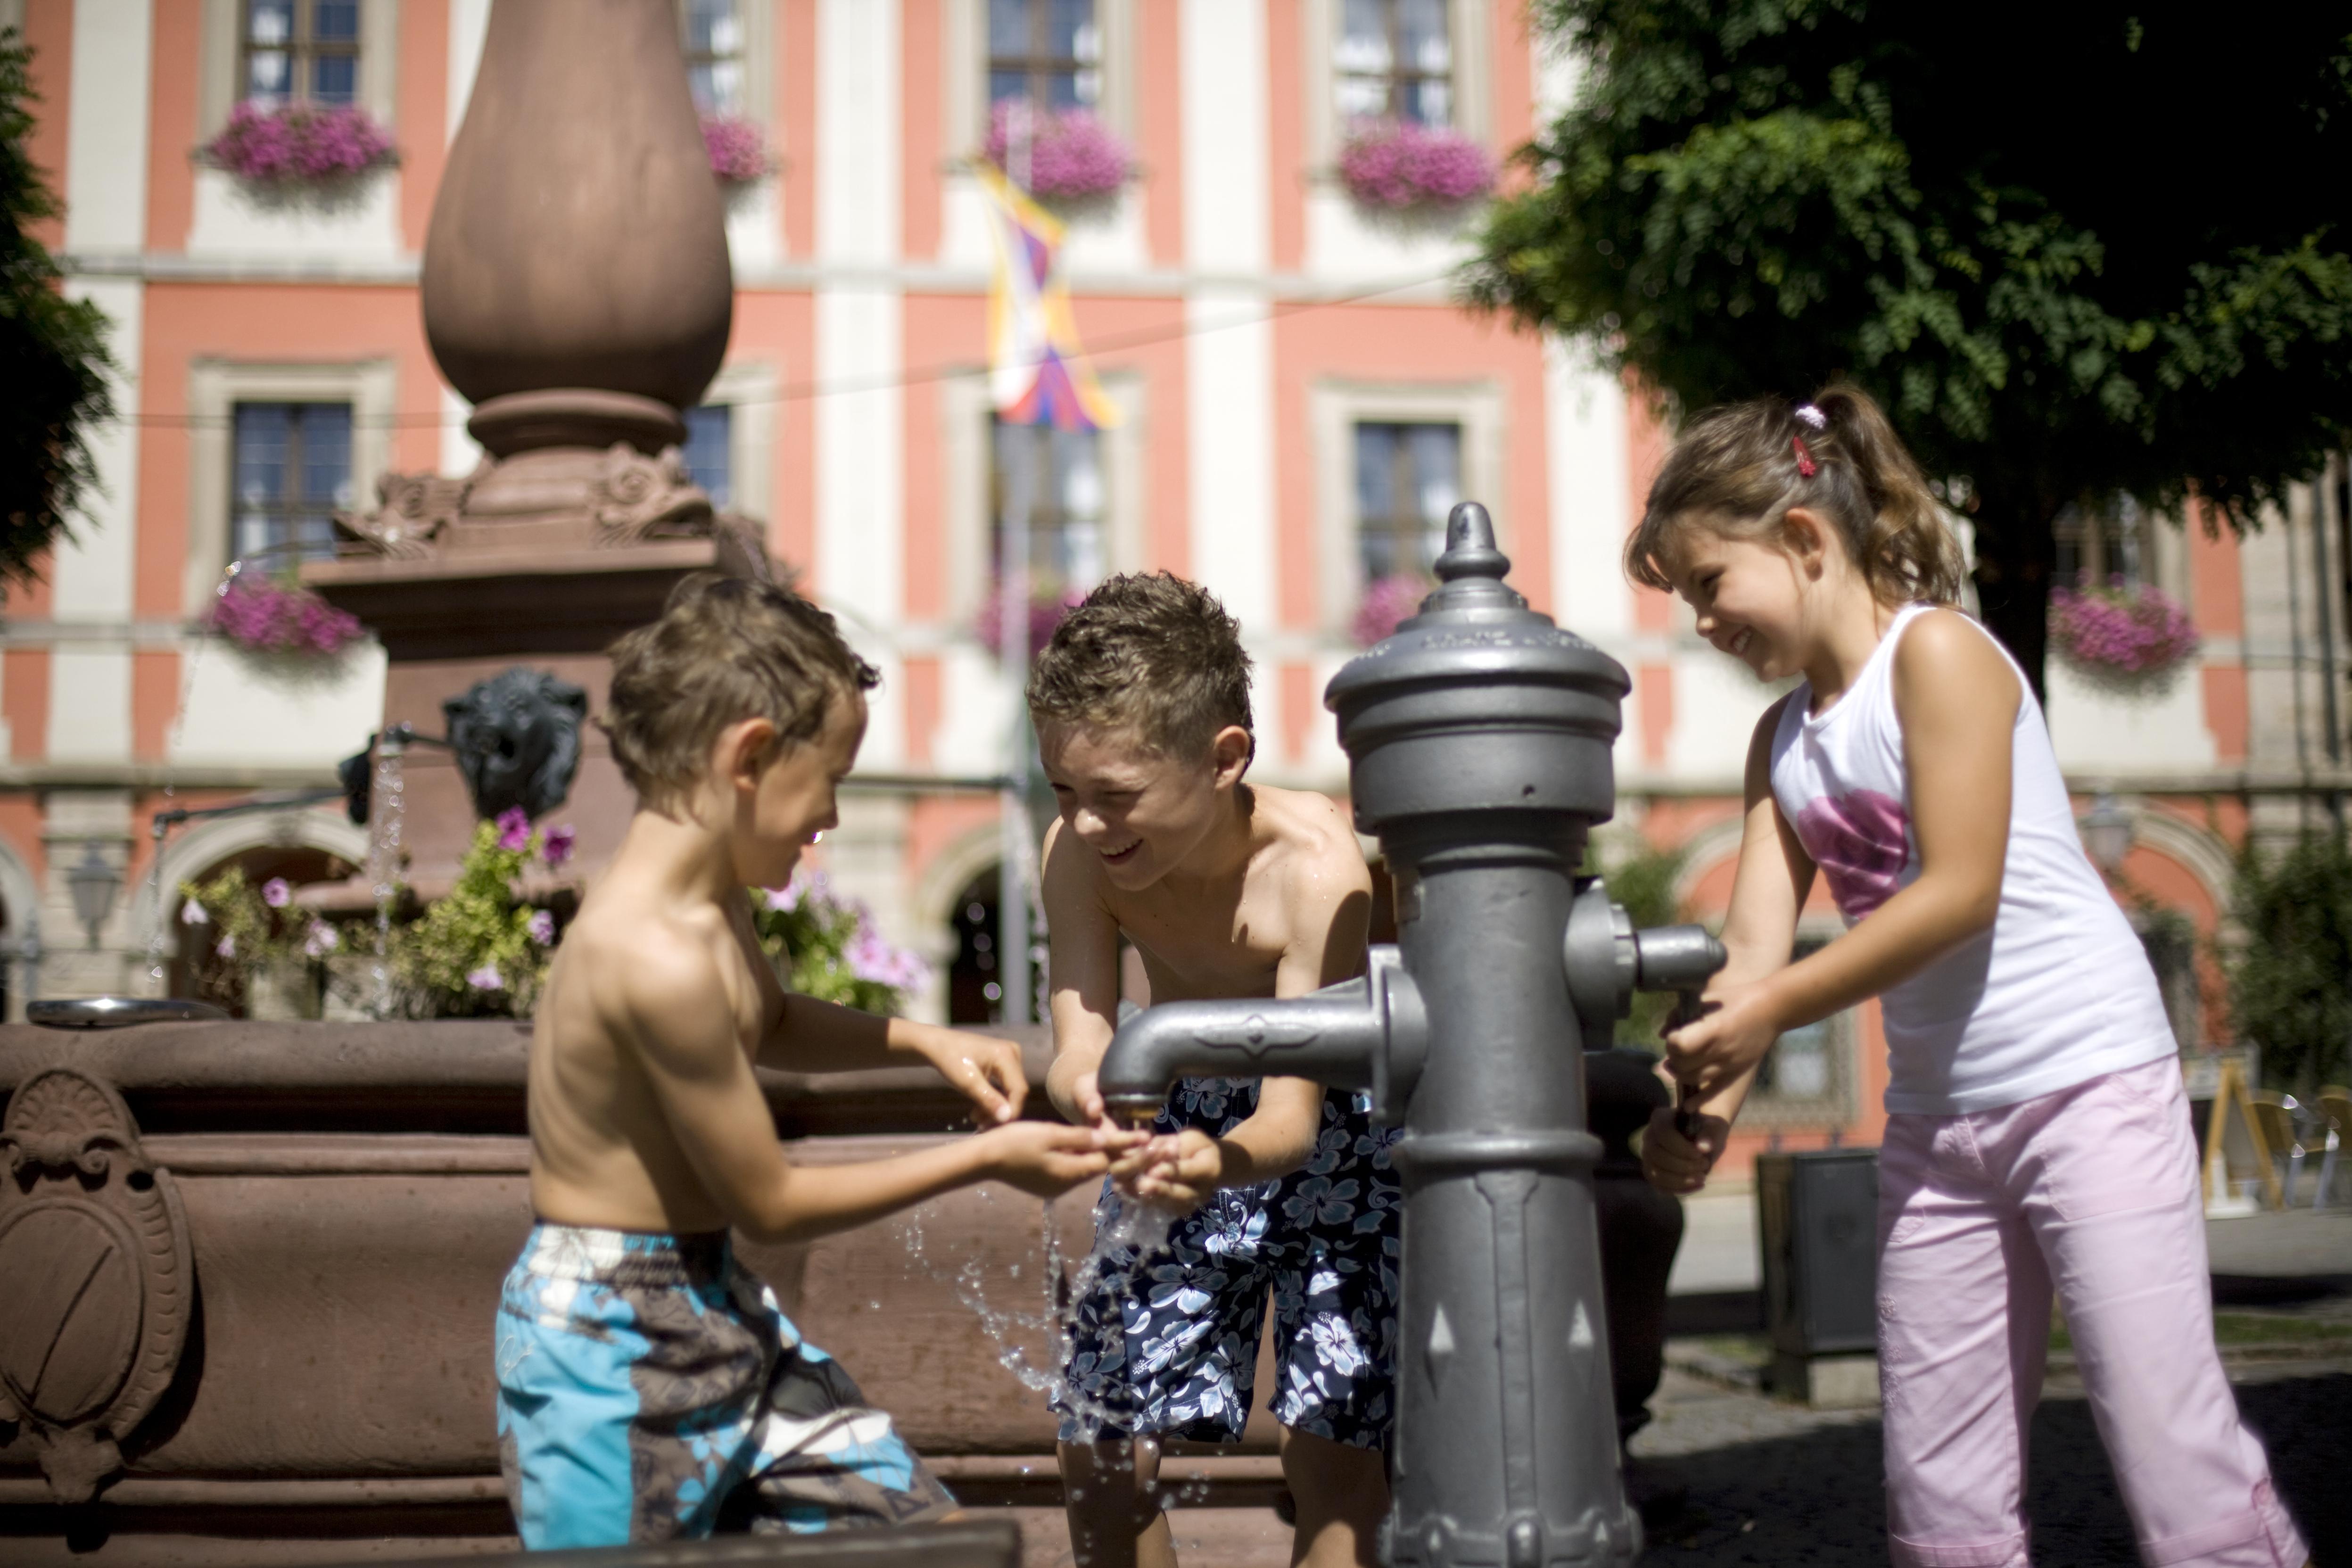 » Mediacenter-Datenarchiv » Bilder_Wasser » Kinder_Marktplatz_Wasser.jpg